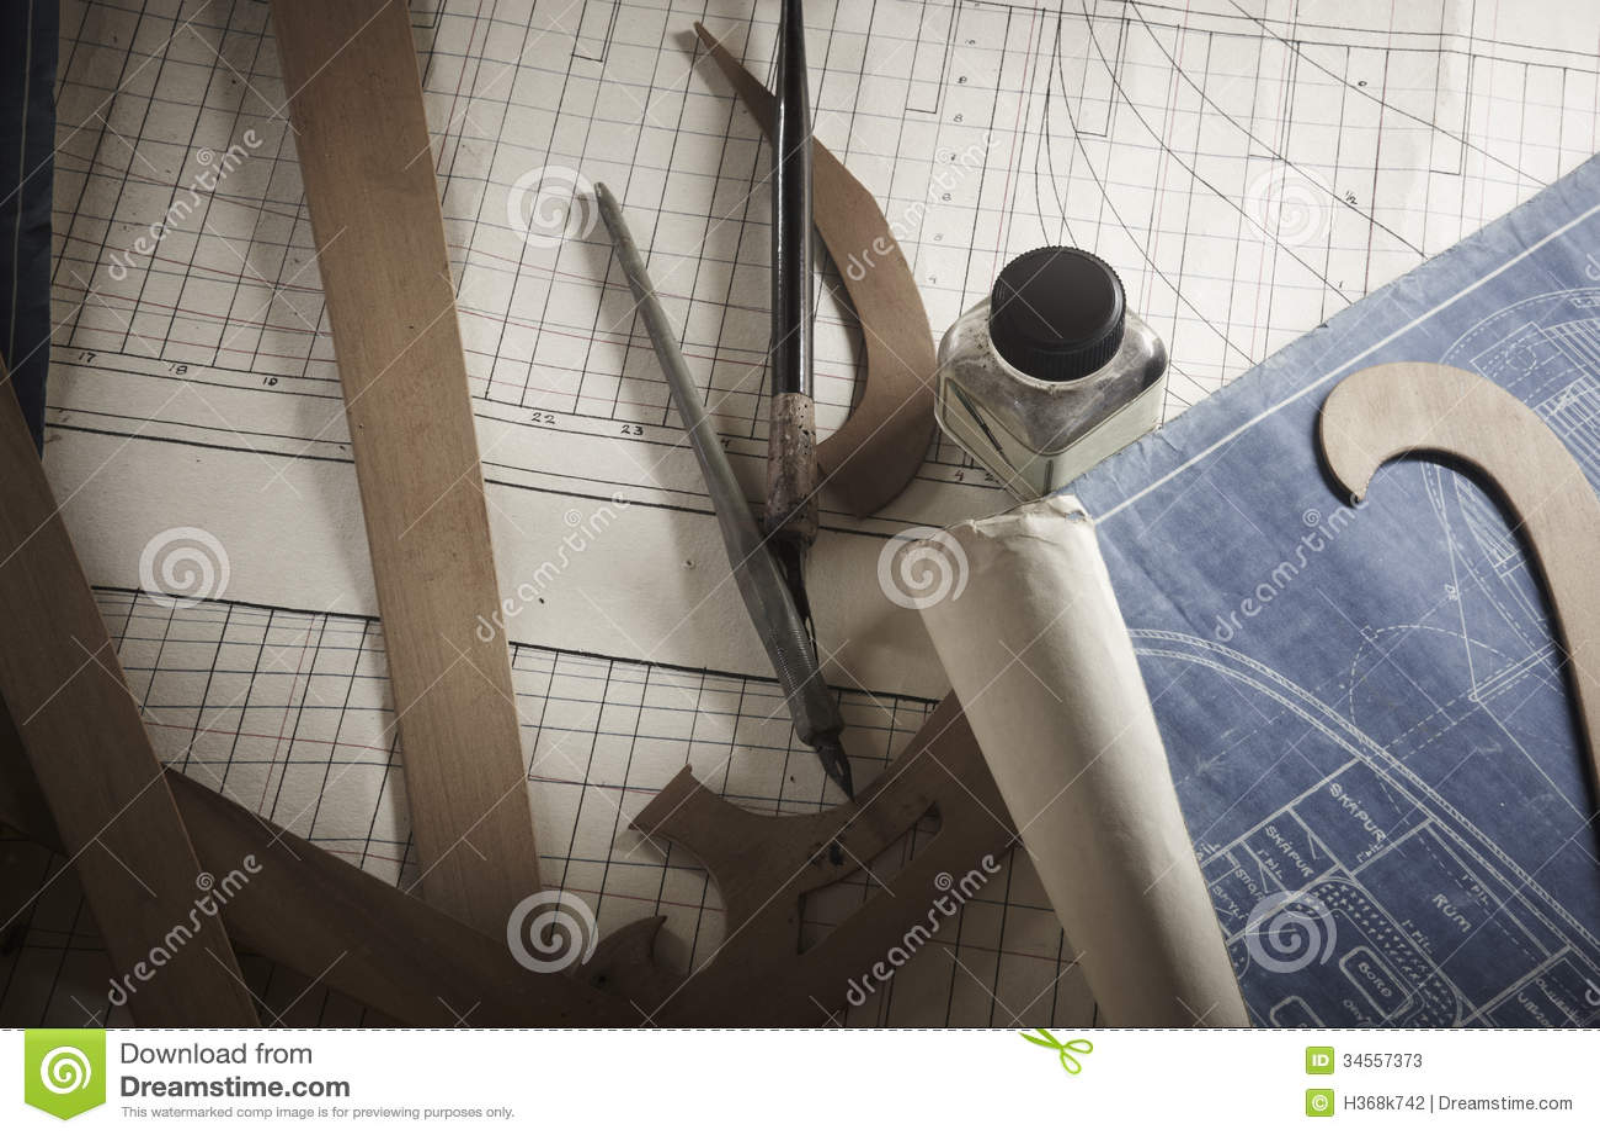 Ferramentas de desenho antigas e planos de papel.